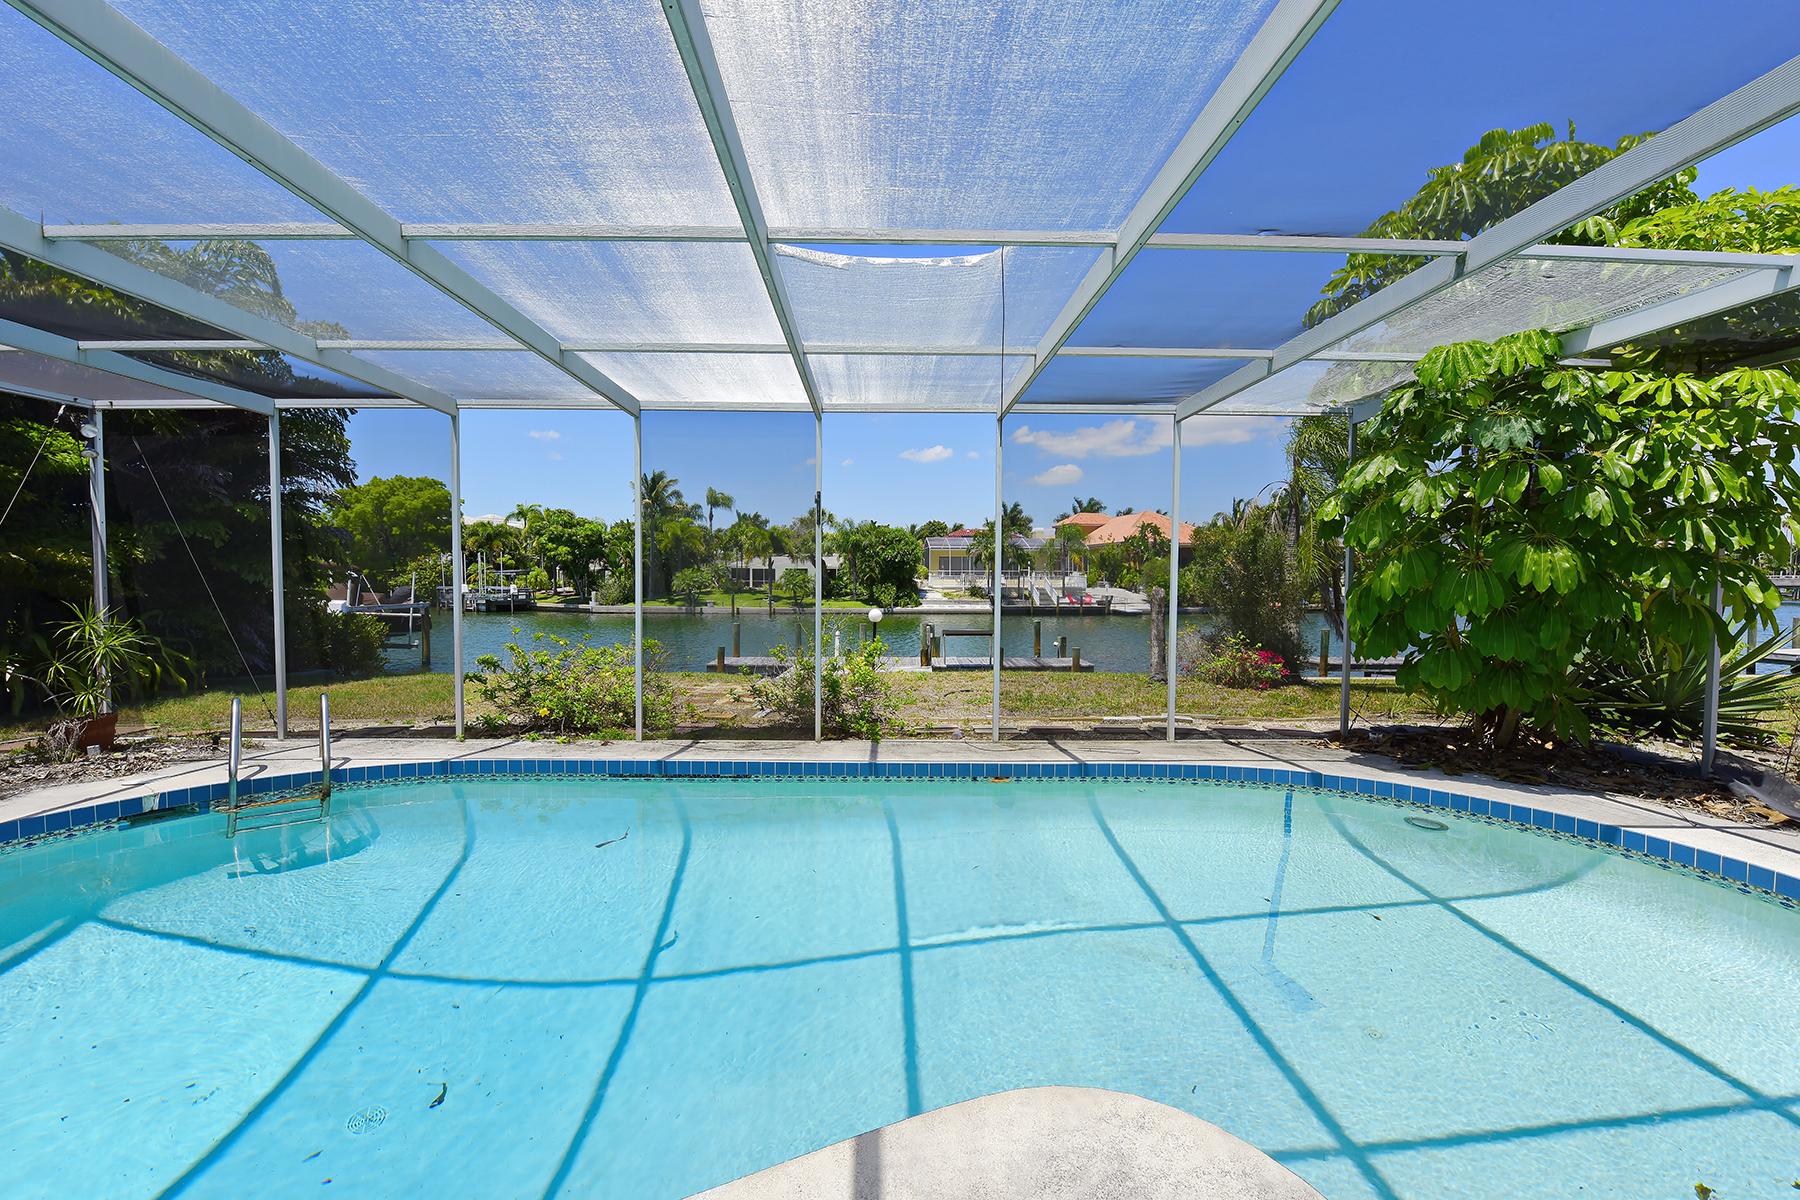 단독 가정 주택 용 매매 에 LIDO BEACH 423 S Polk Dr Sarasota, 플로리다 34236 미국